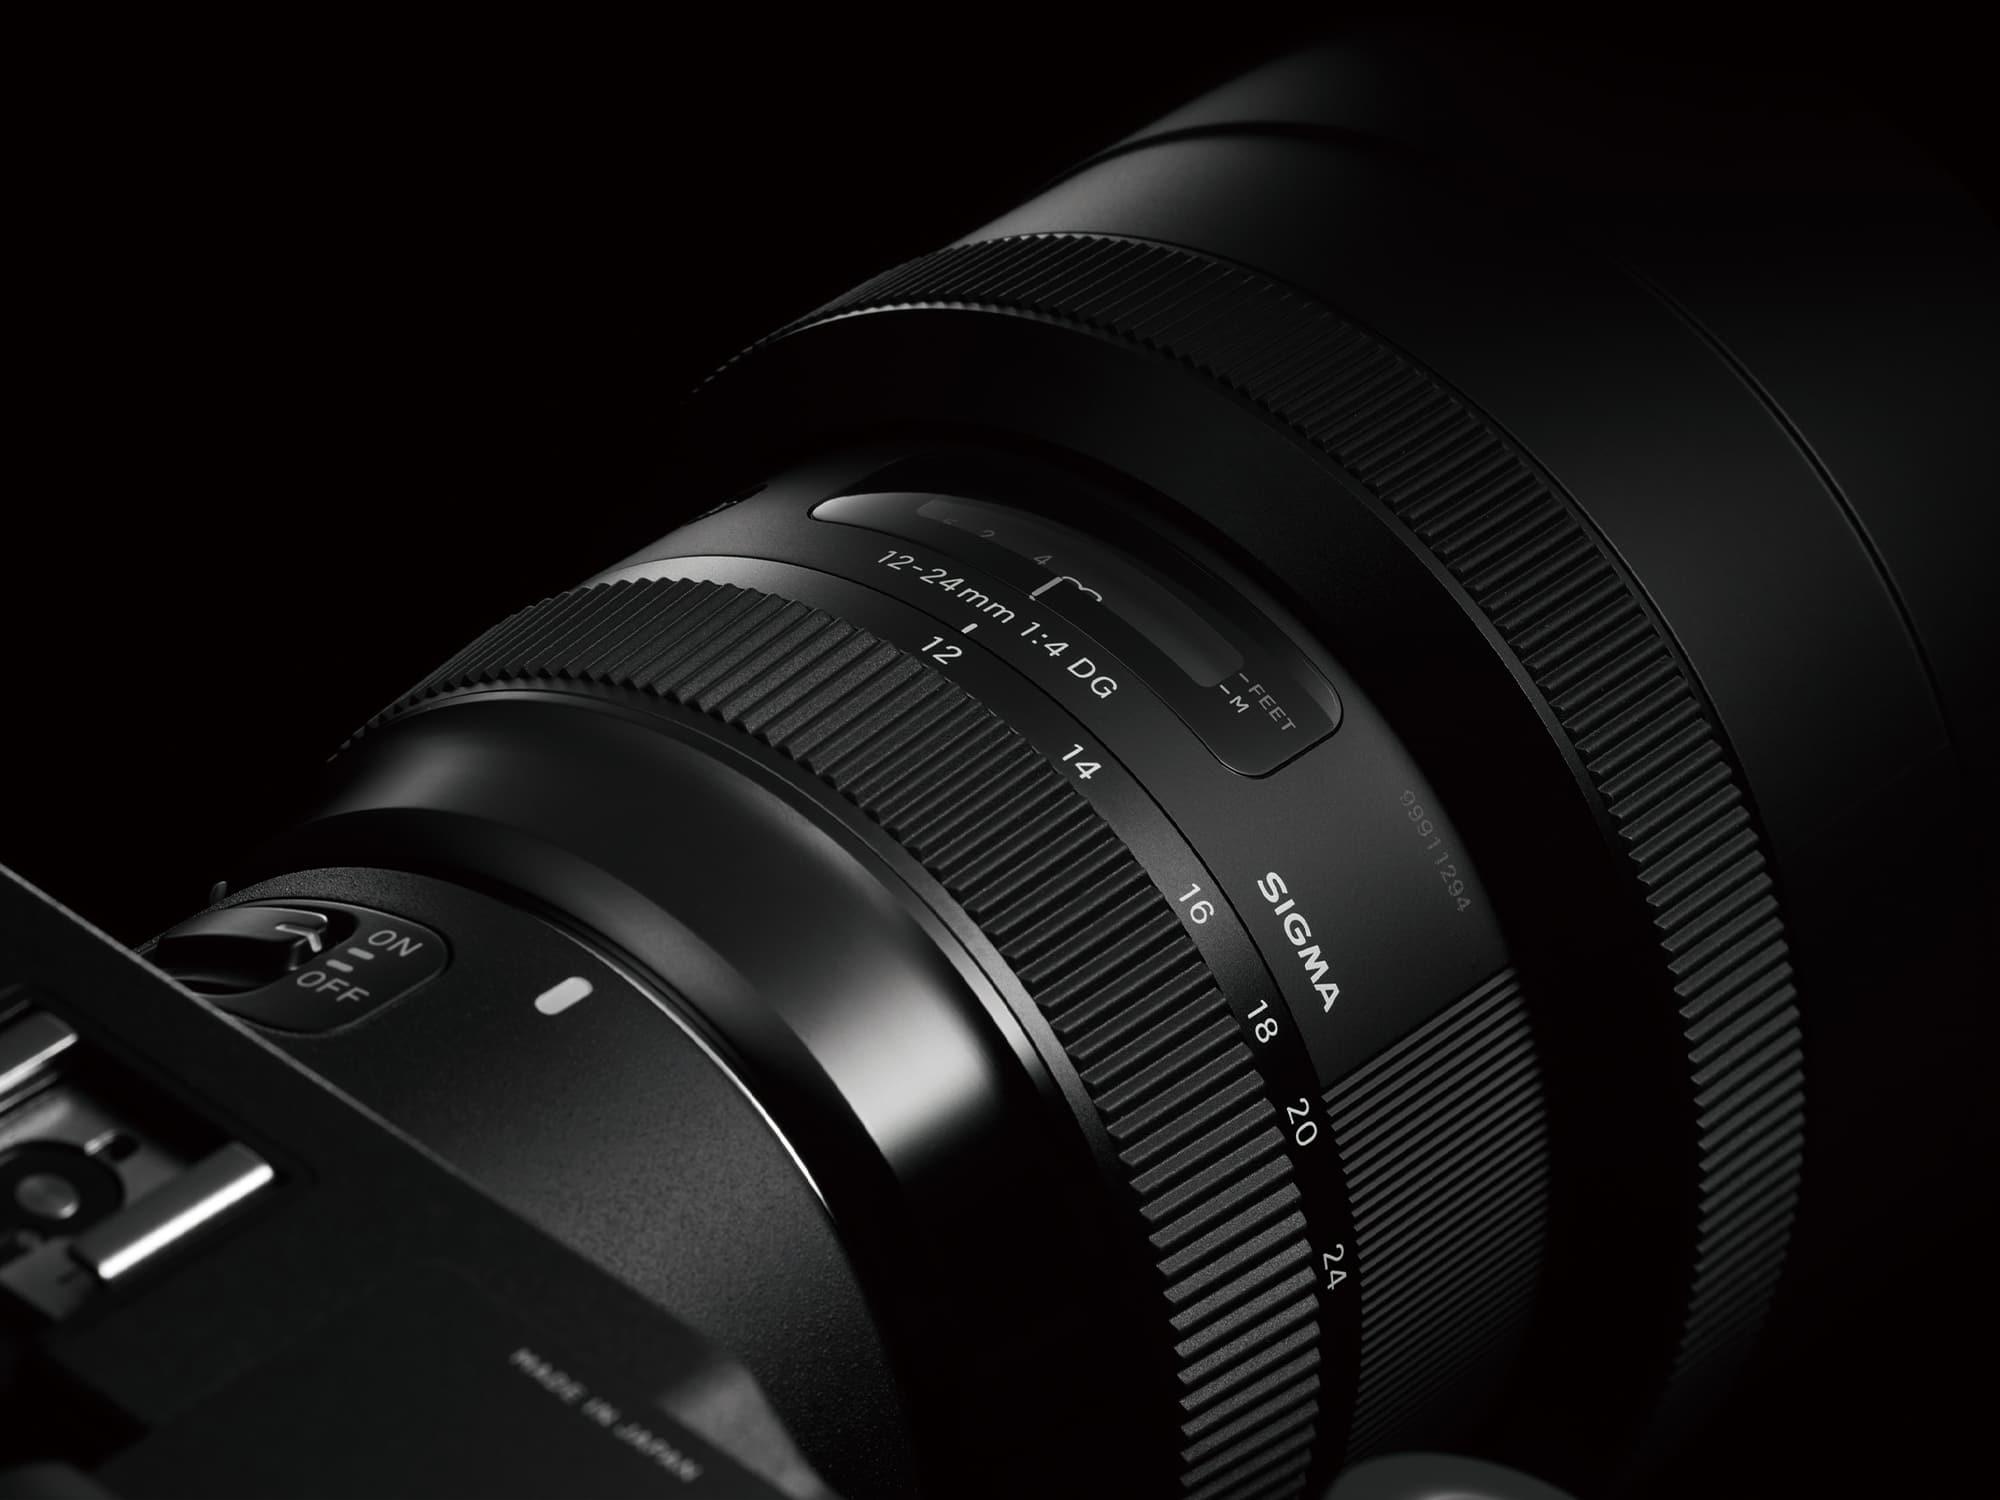 12 24mm F4 Dg Hsm Art レンズ Sigma 株式会社シグマ